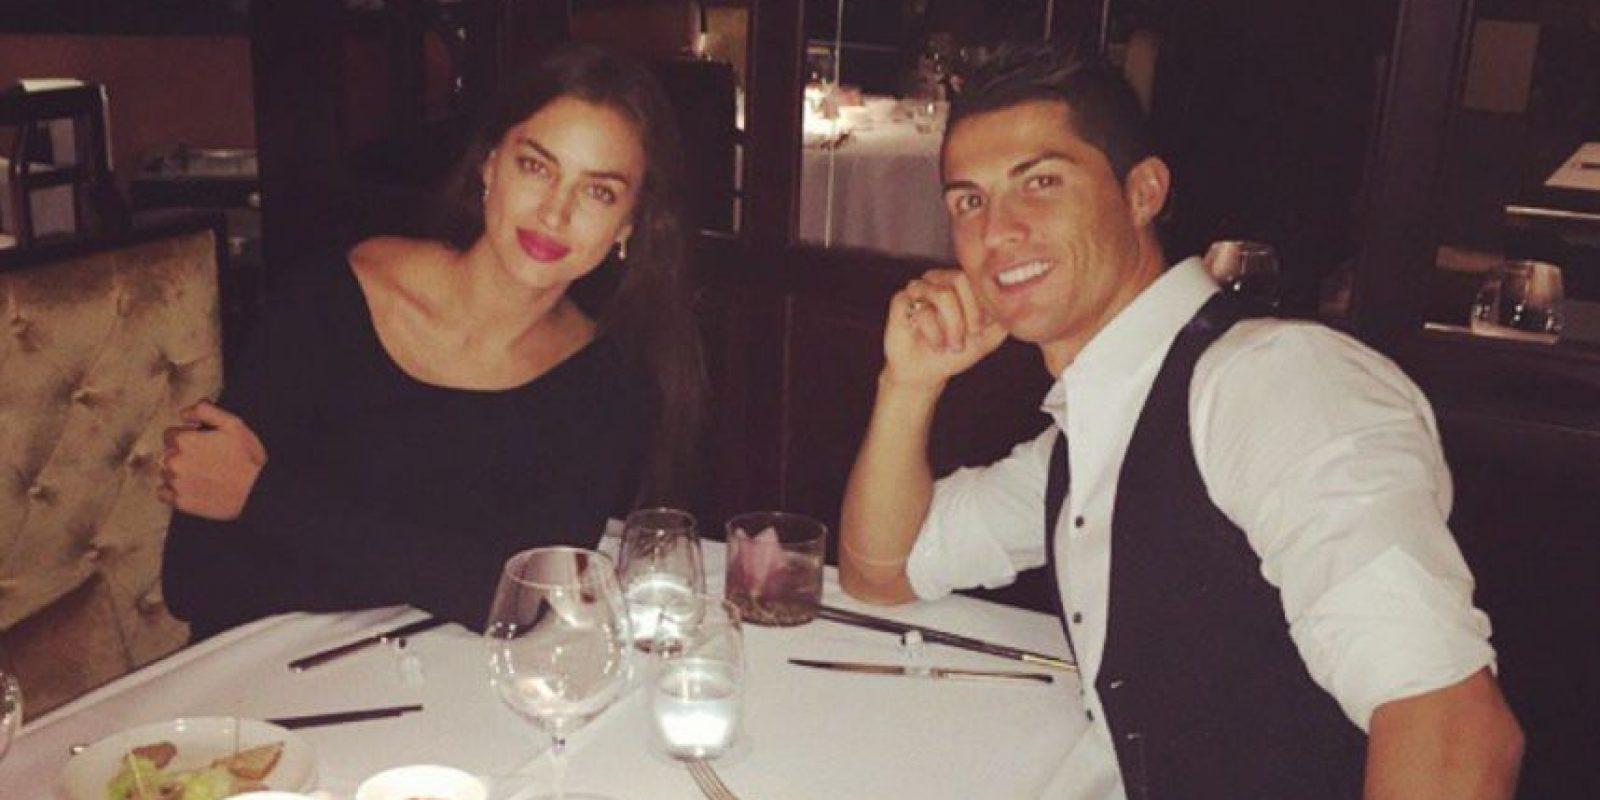 Se habla de que infidelidades por ambas partes, o la mala relación de la rusa con la madre del futbolista, terminaron con el amor. Foto:Instagram @Cristiano